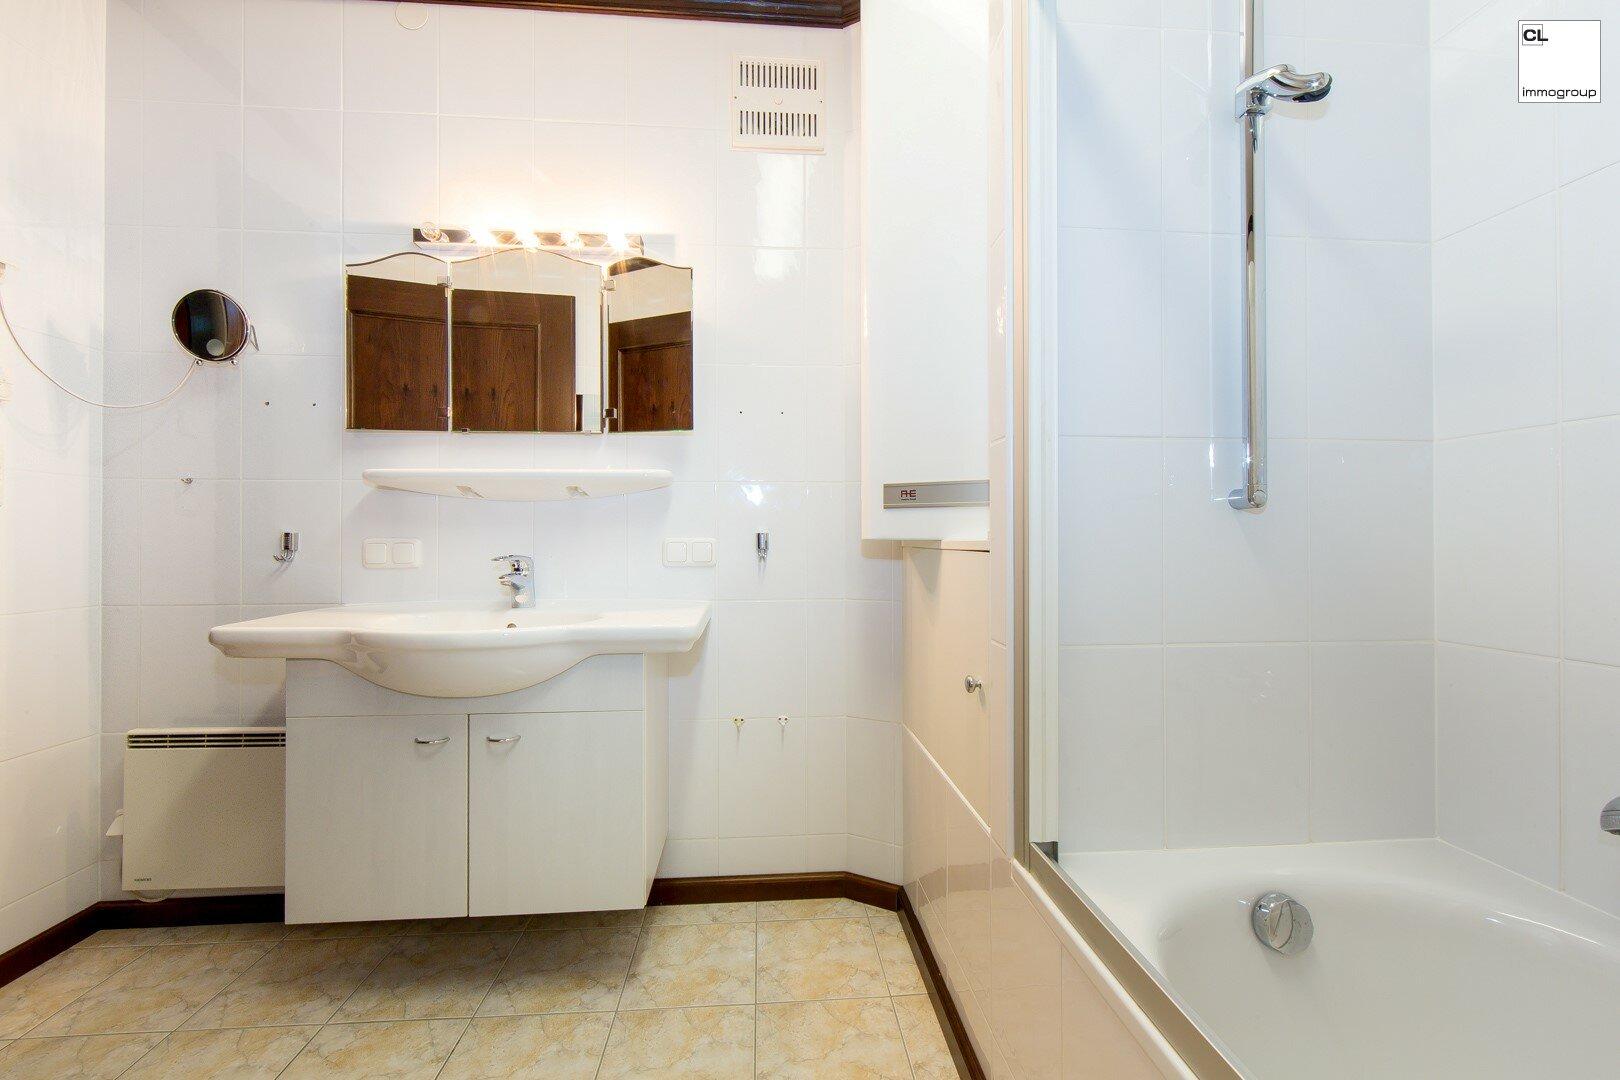 Hübsches zeitloses Badezimmer